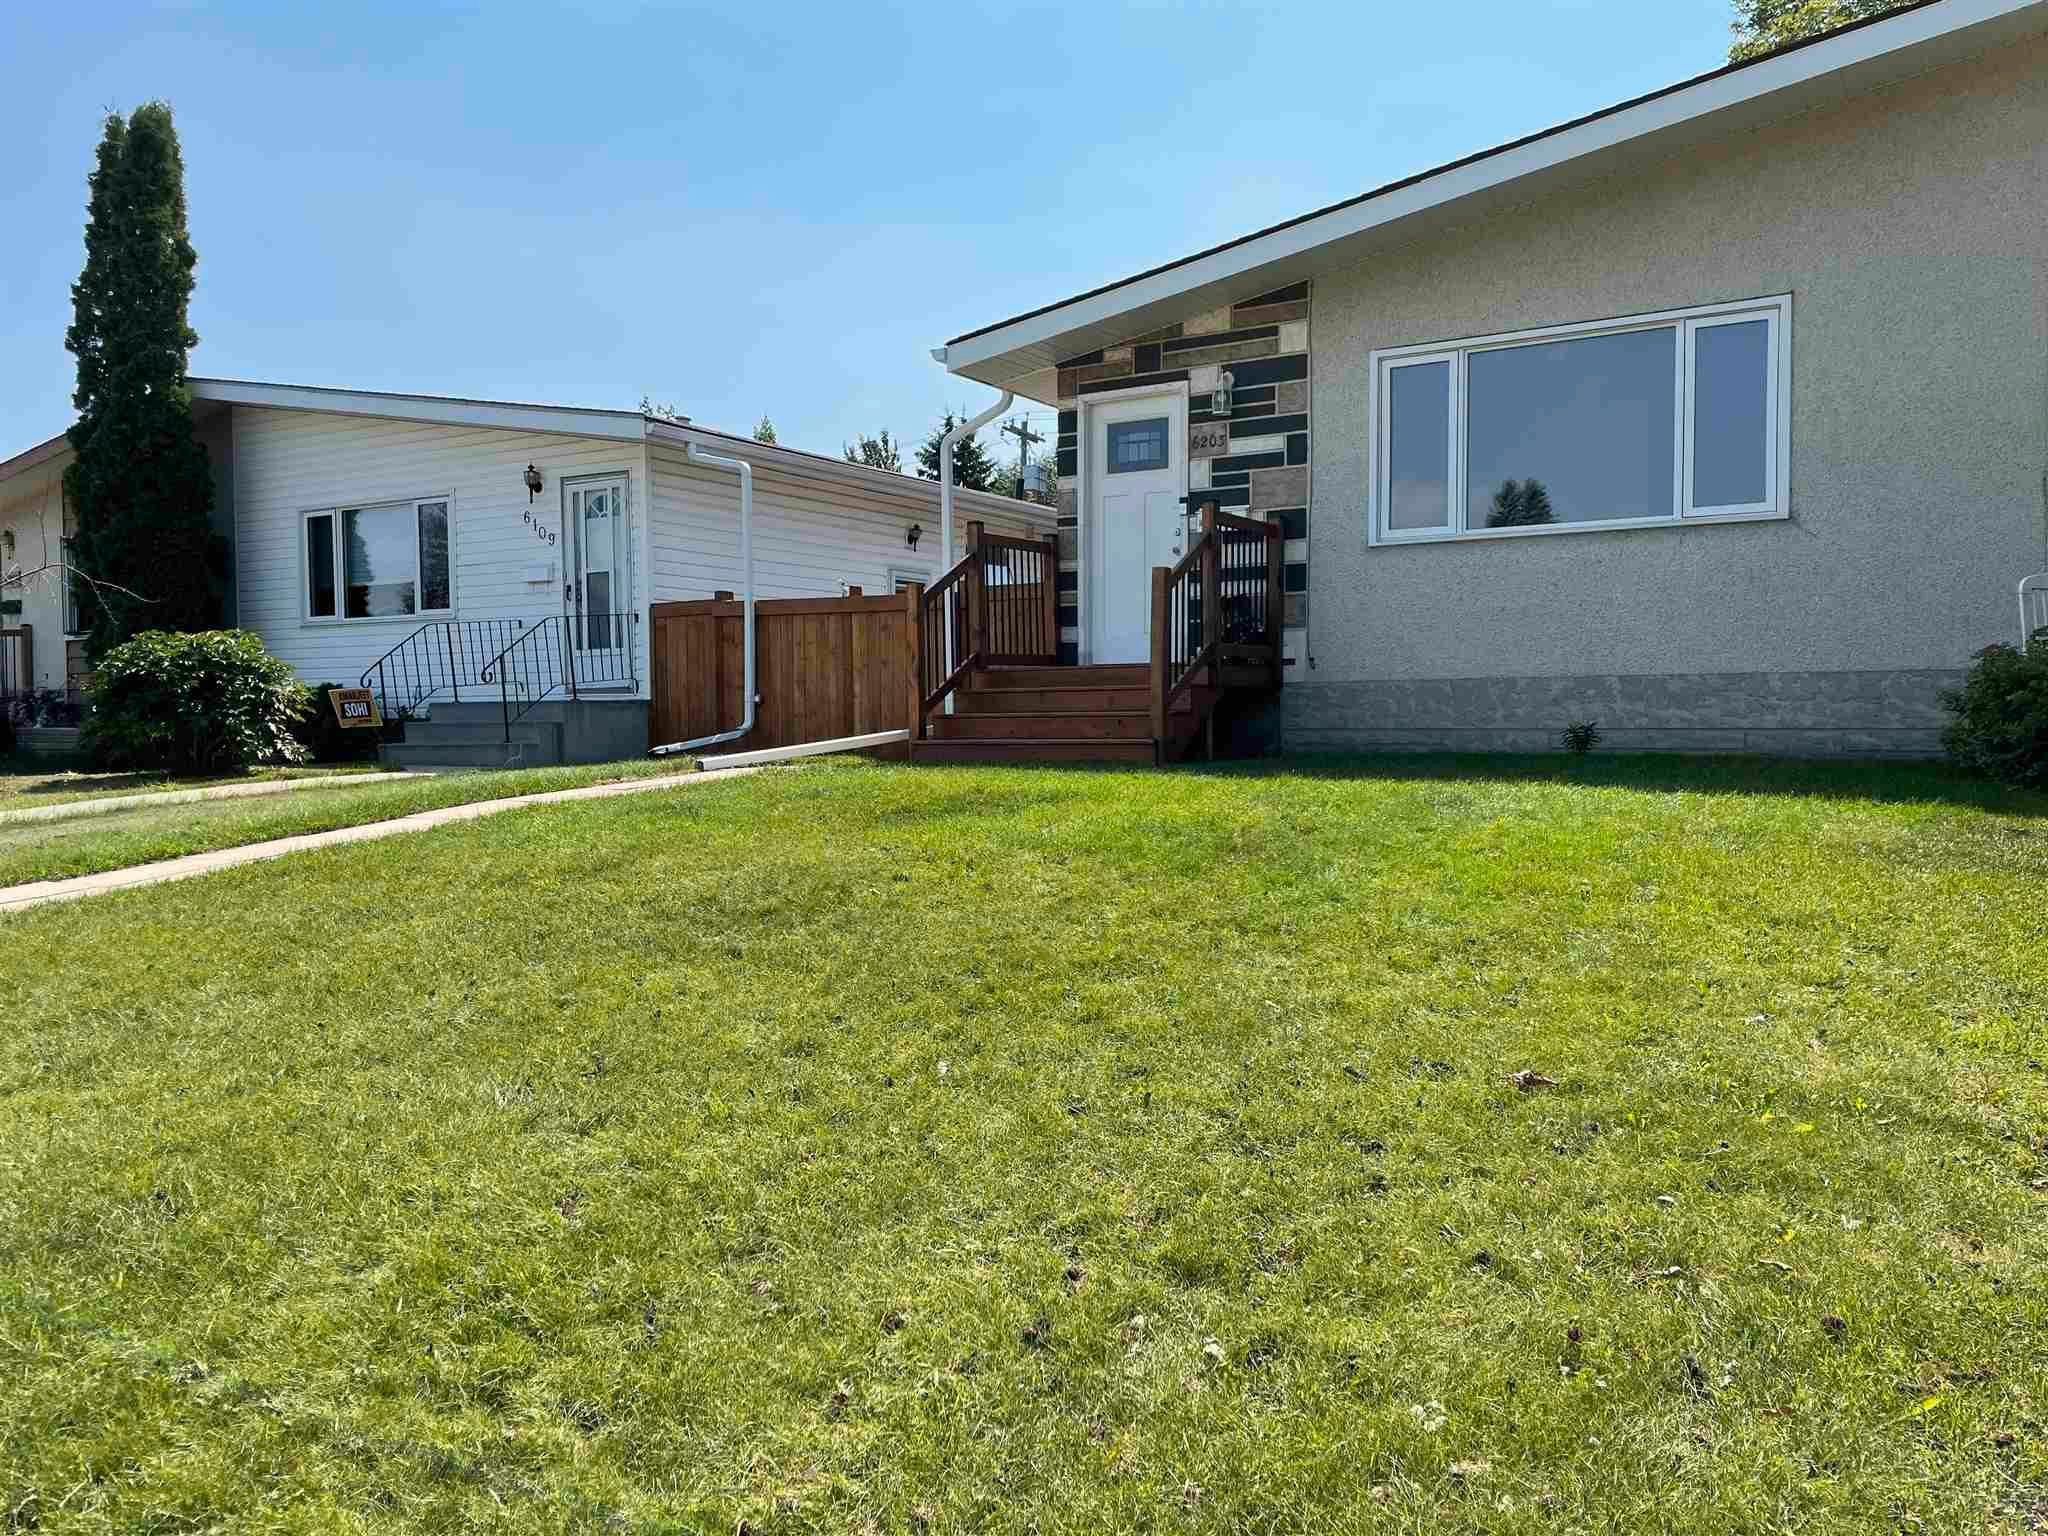 Main Photo: 6203 84 Avenue in Edmonton: Zone 18 House Half Duplex for sale : MLS®# E4253105